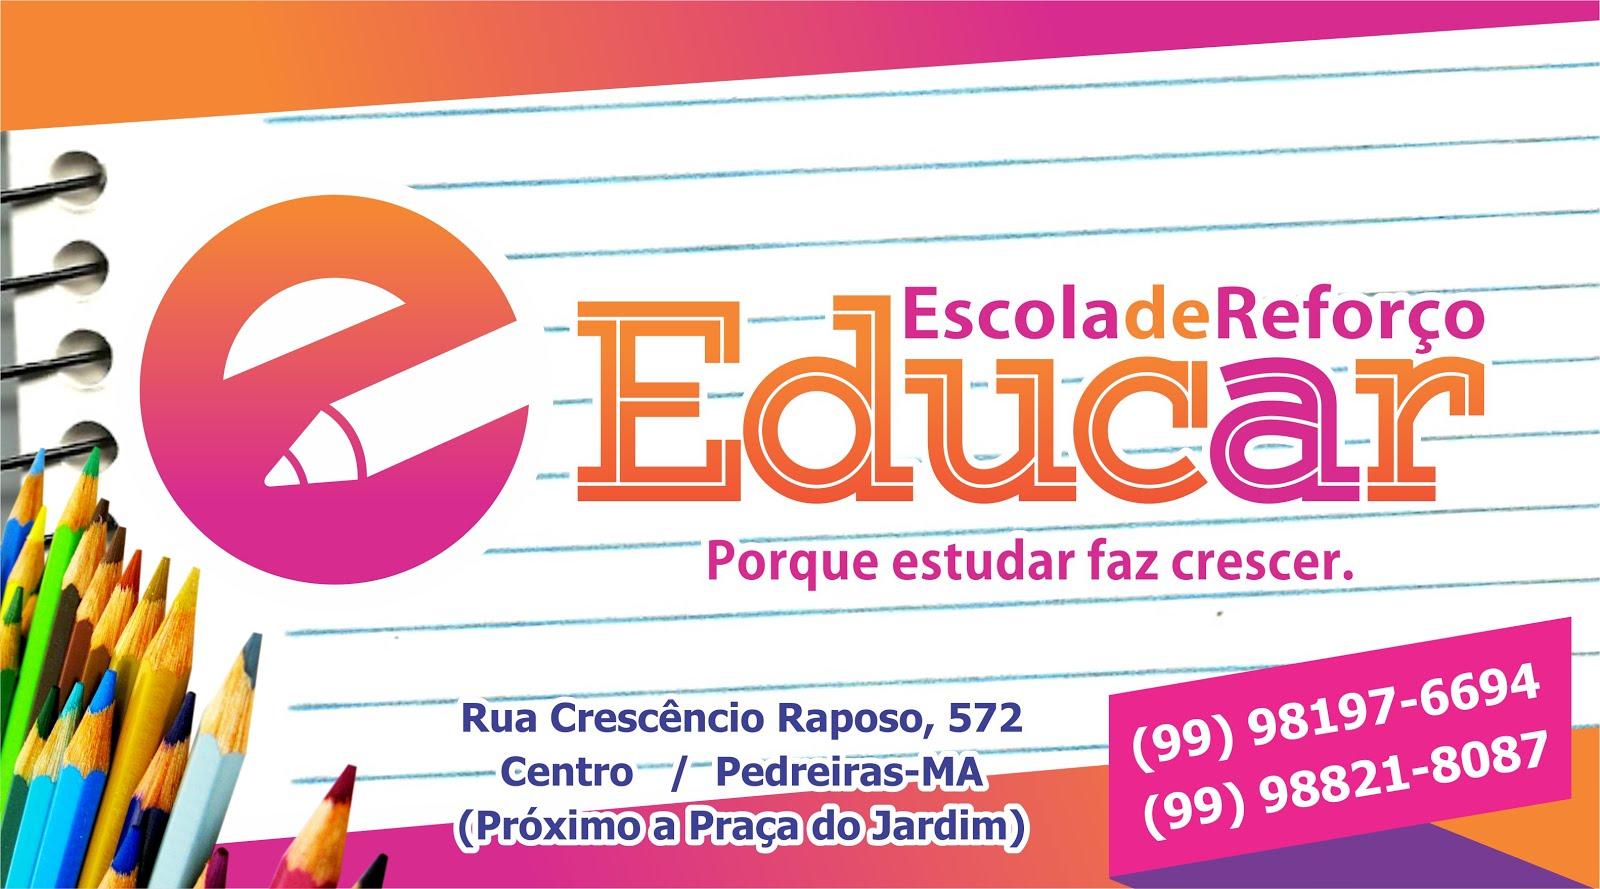 Escola de Reforço Educar